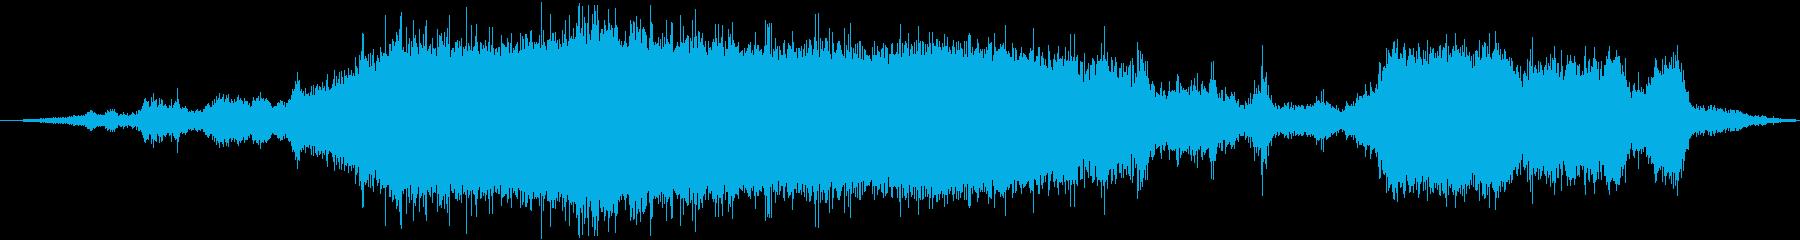 アメリカ海軍ブルーエンジェルス:E...の再生済みの波形